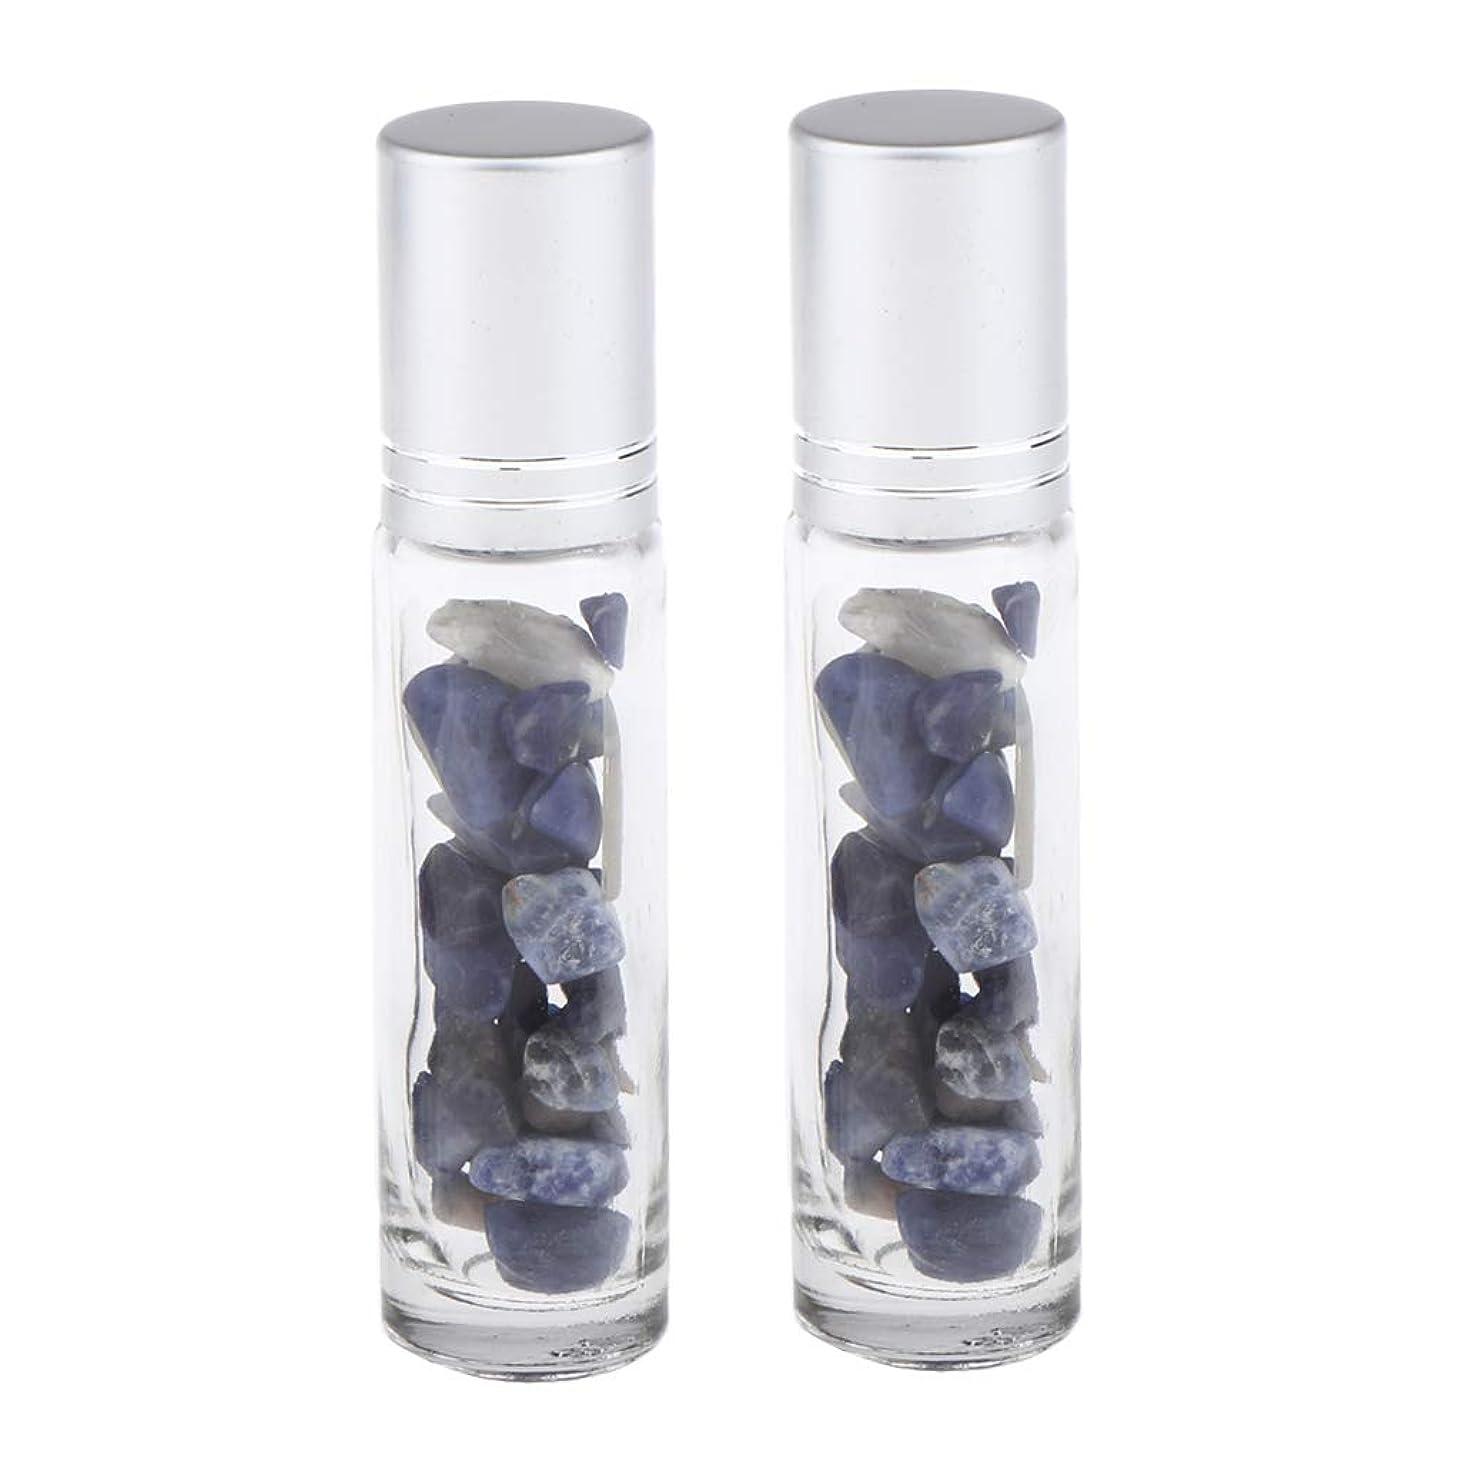 東ティモールアラームアジア人chiwanji 香水アトマイザー ガラスボトル 精油瓶 天然石 ロールオンボトル 10ml マッサージ 全10種類 - 青い縞模様